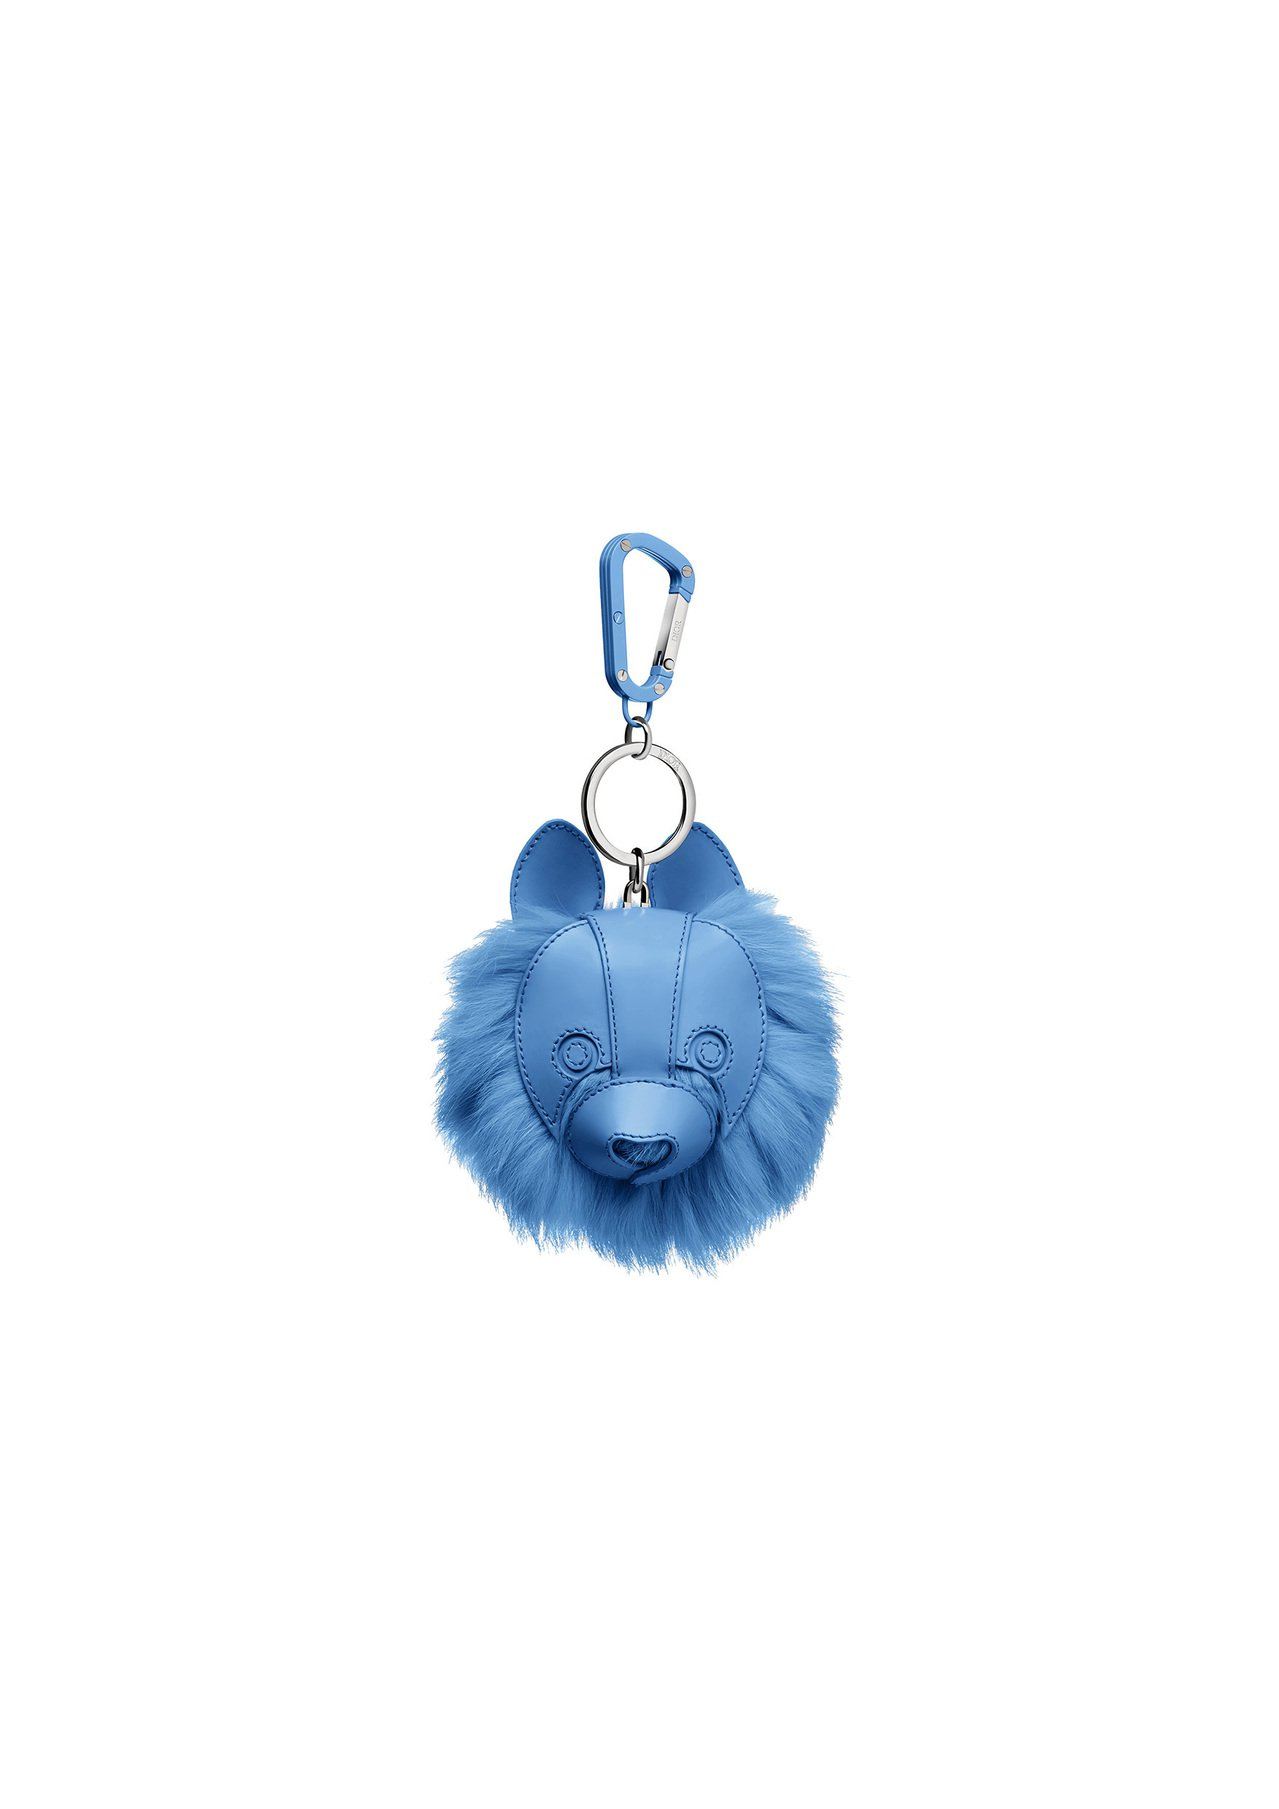 DIOR Cookie藍色光華小牛皮與兔毛鑰匙圈,售價28,000元。圖/DIO...